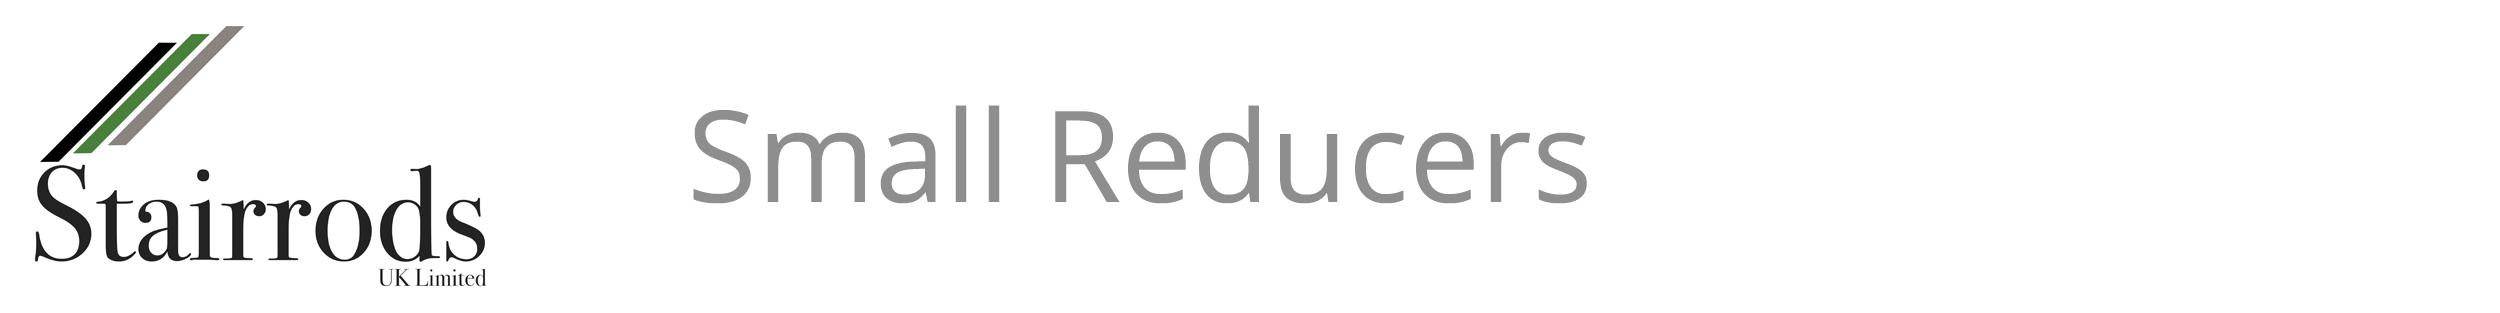 Small Reducer.jpg